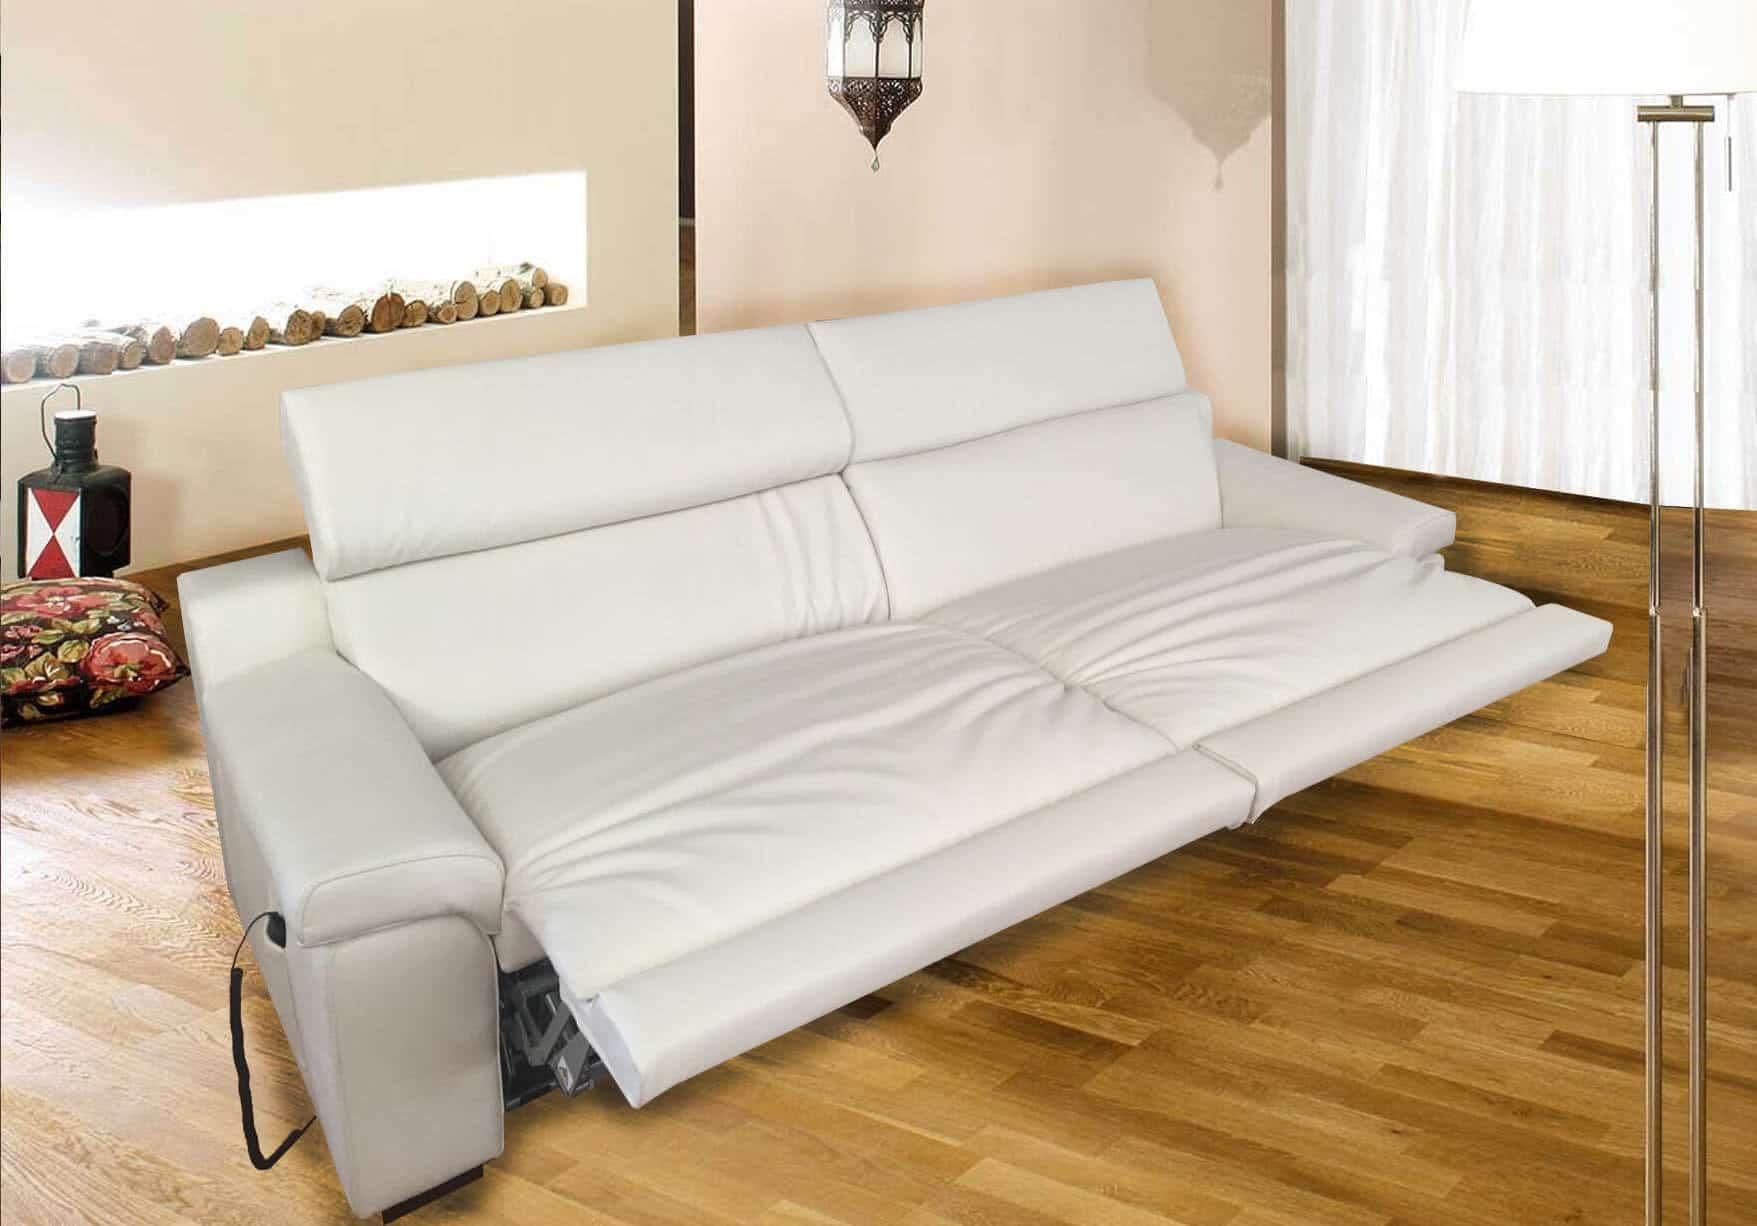 Divano letto gemellare doppio relax motorizzato scontato for Misure letti singoli